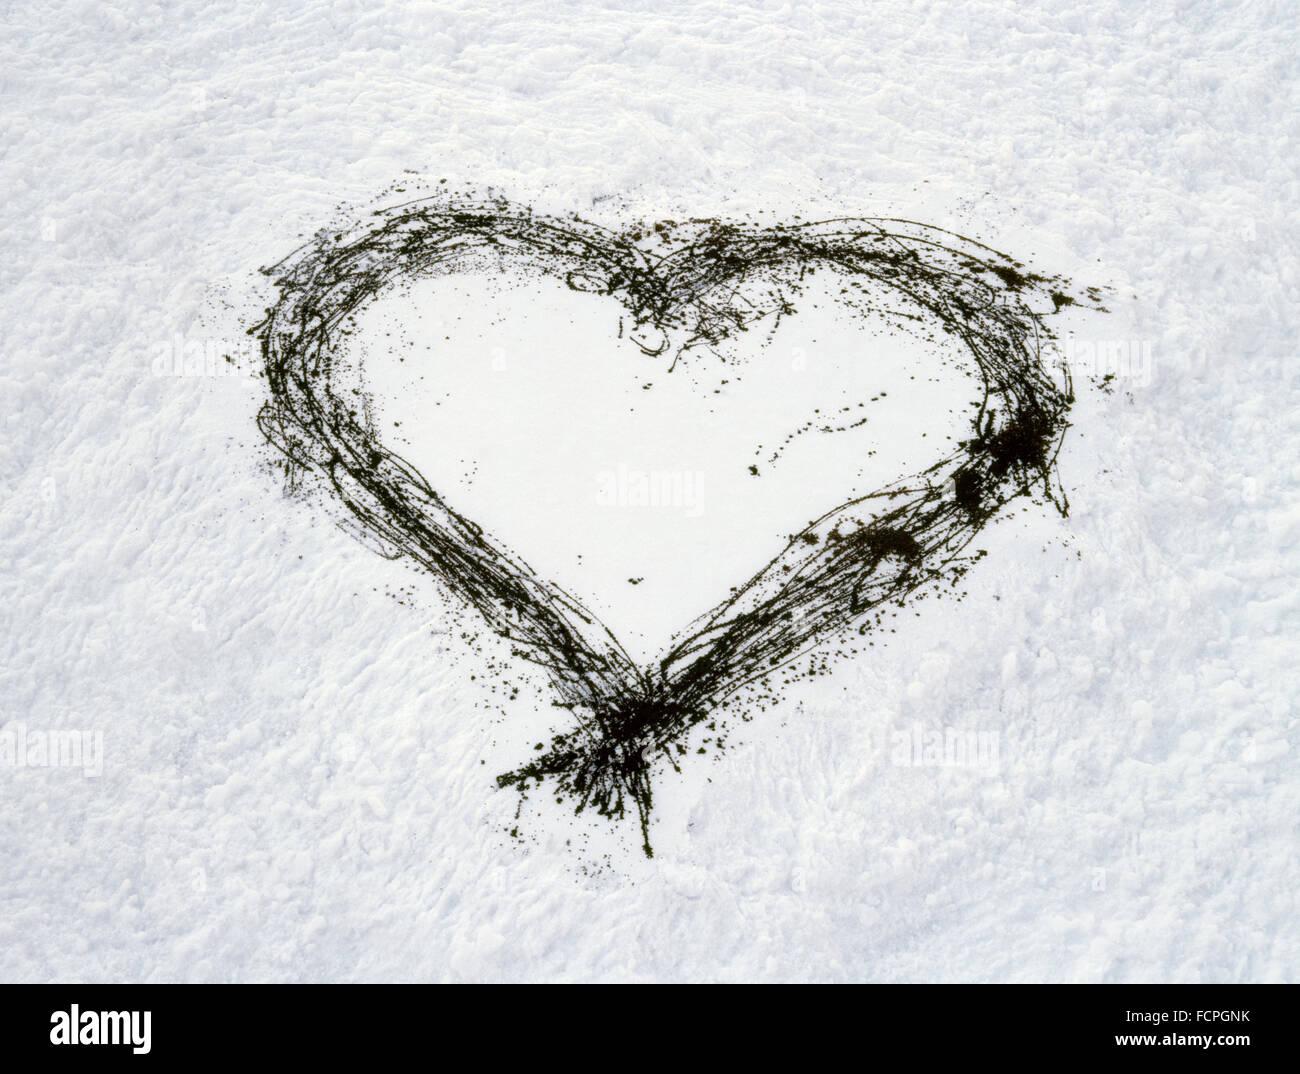 Graffiti Heart Drawn On Snow